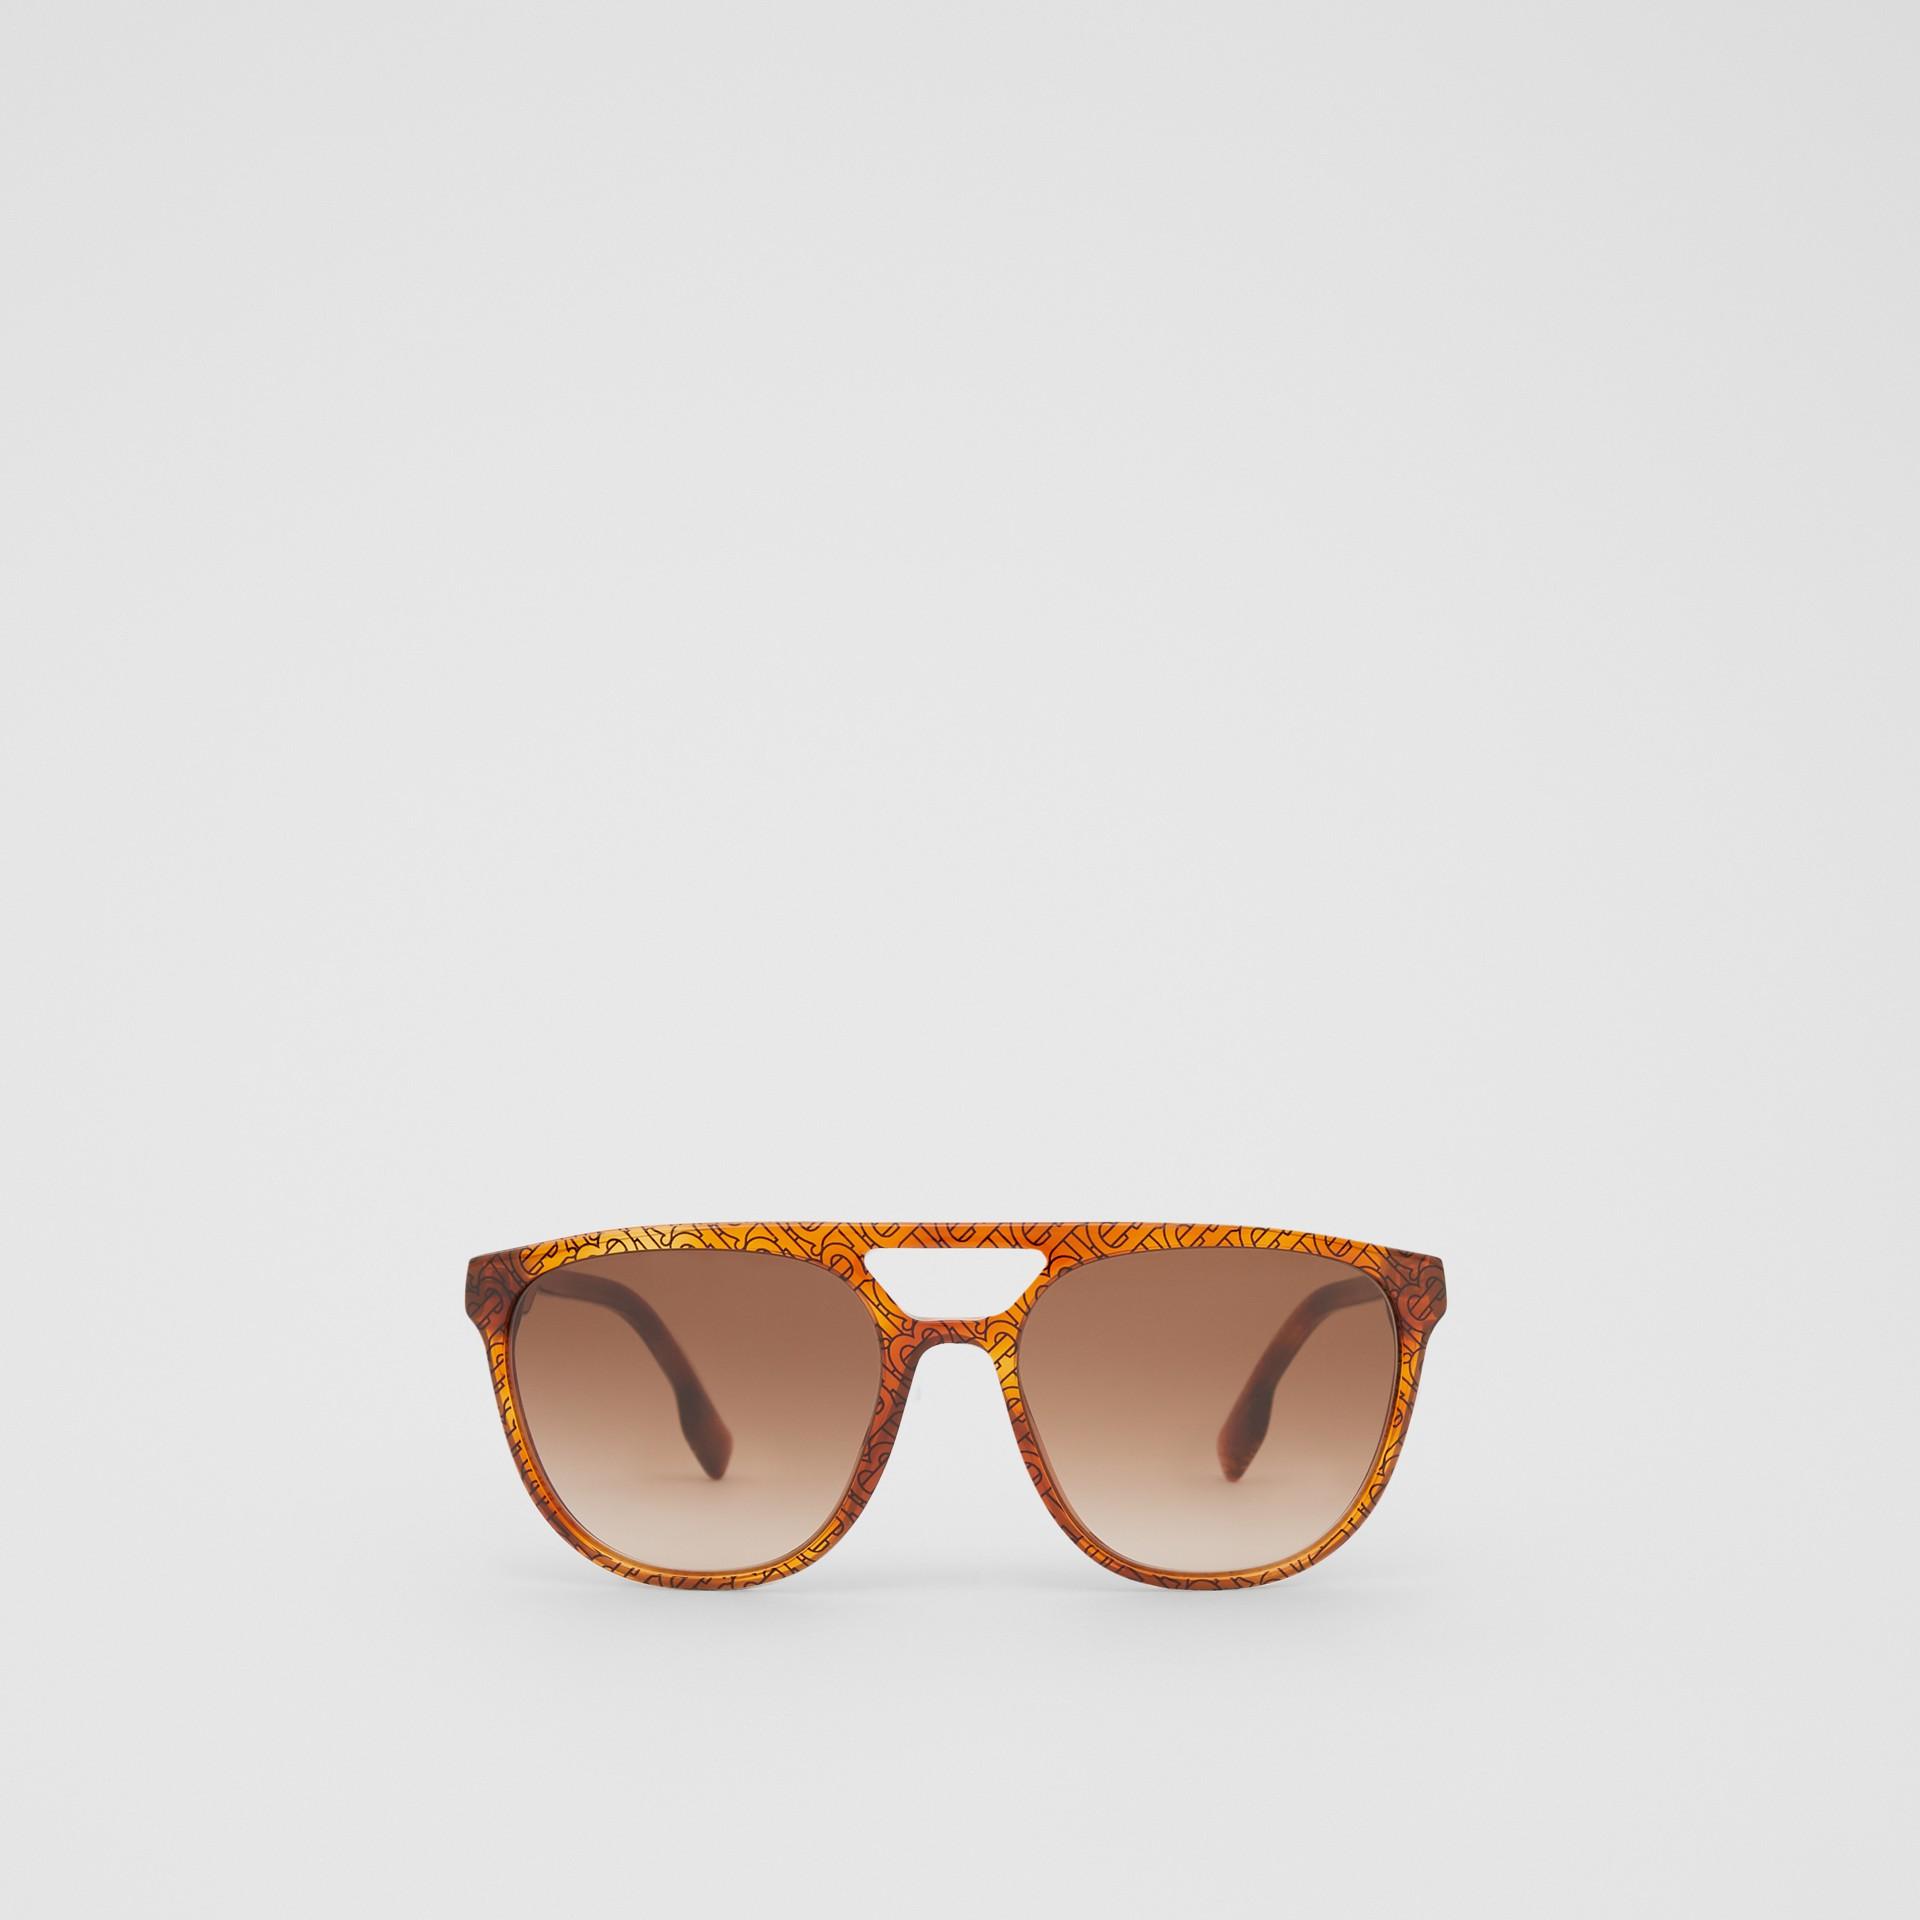 領航員太陽眼鏡 (玳瑁紋琥珀色) - 男款 | Burberry - 圖庫照片 0